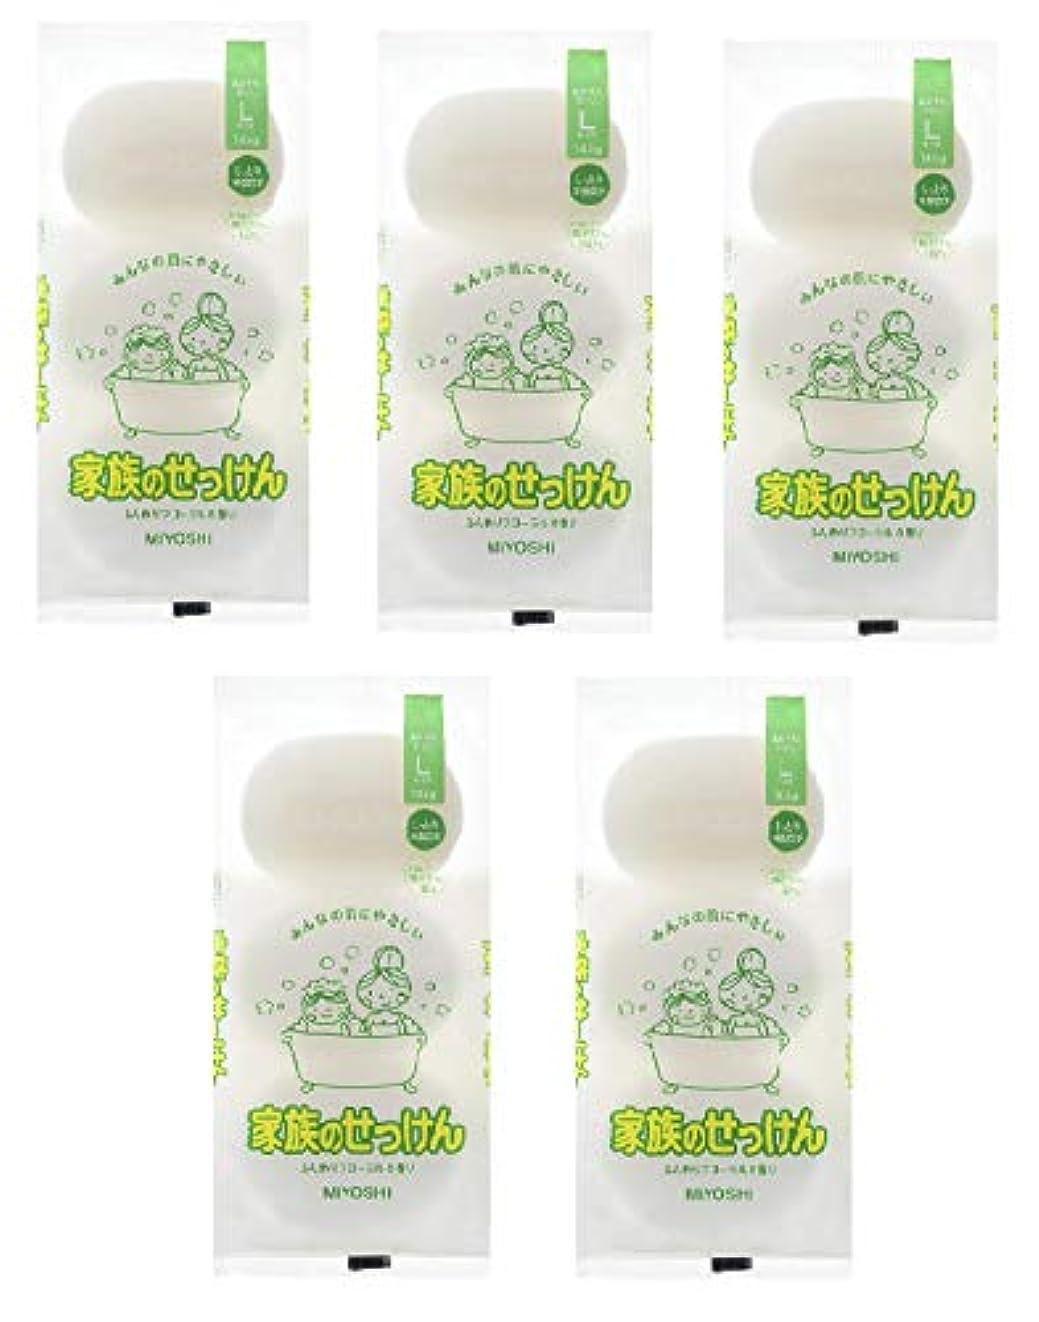 身元朝食を食べるチョーク(まとめ買い)ミヨシ石鹸 家族のせっけんN145G×3個入り × 5パック